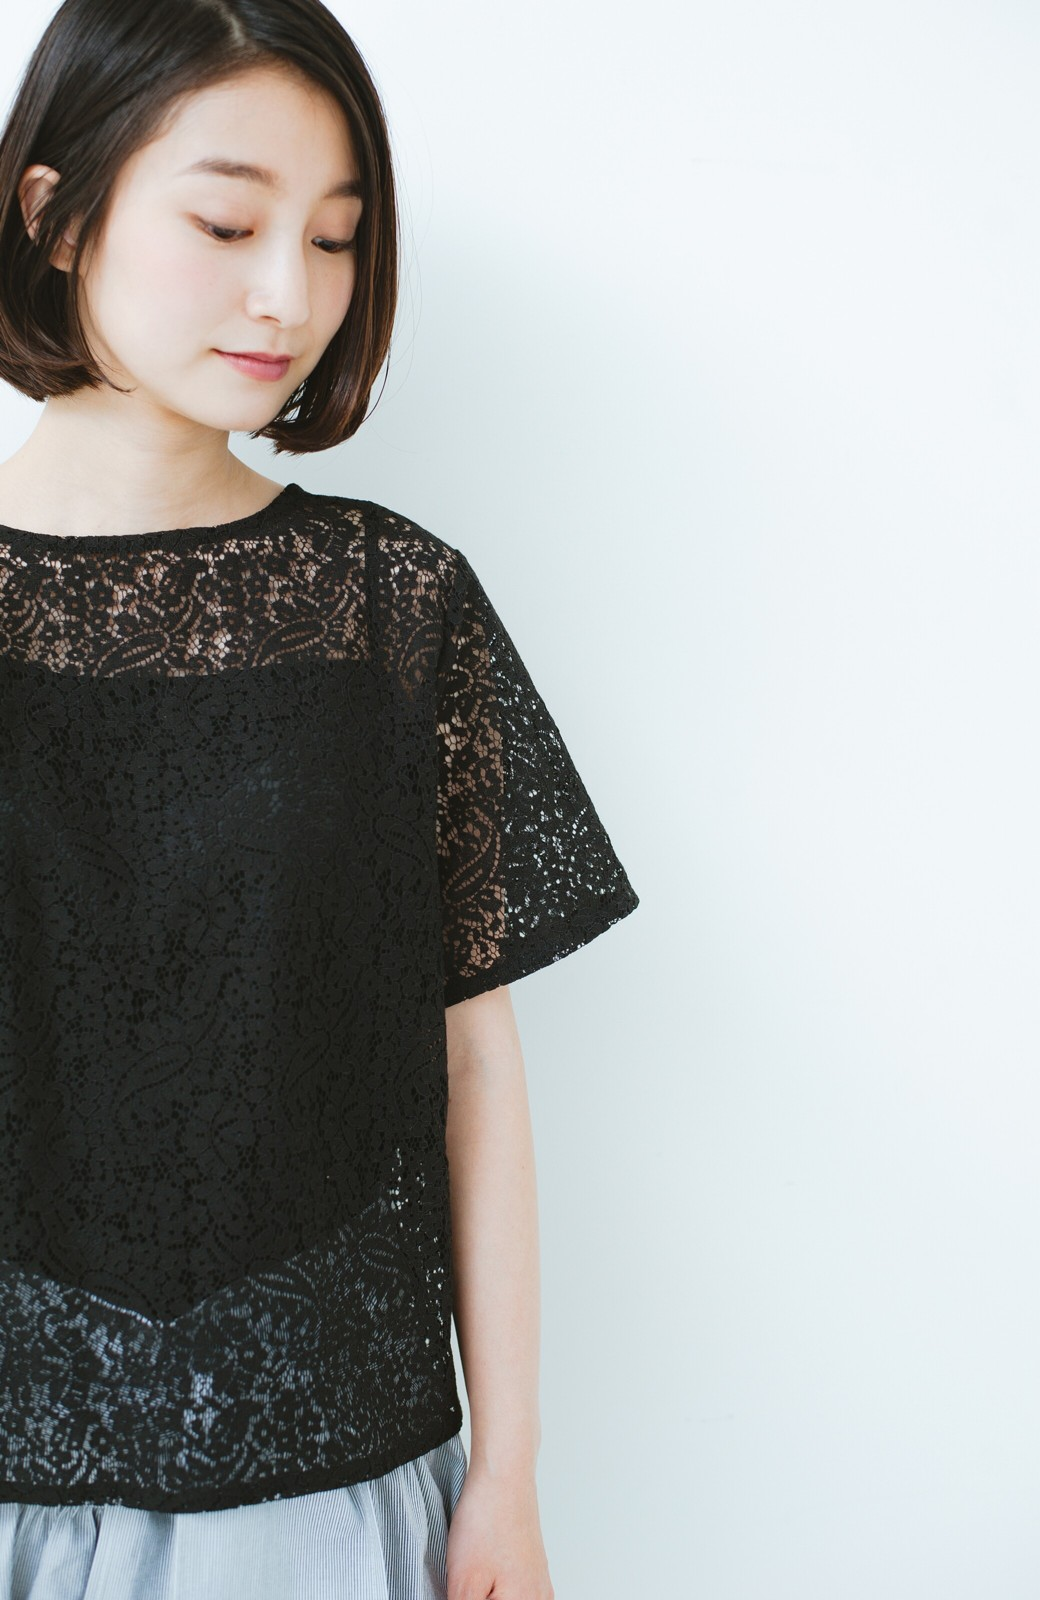 haco! いつものTシャツのかわりに着たい レースTブラウスとキャミソールセット <ブラック>の商品写真4